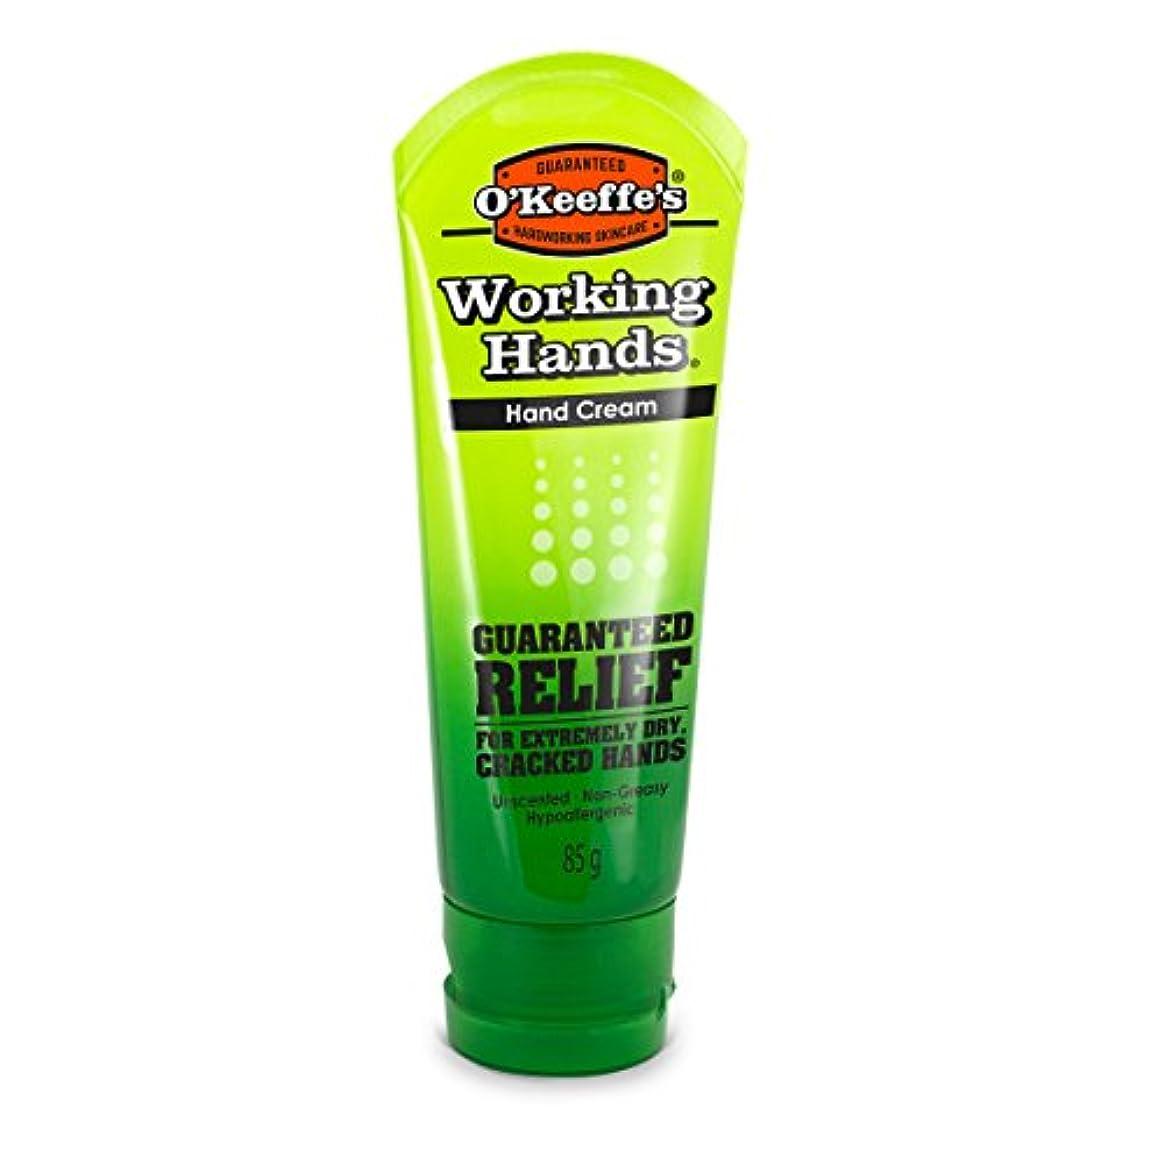 ファブリックダブルにやにやオキーフス ワーキングハンドクリーム チューブ  85g 1点 (並行輸入品) O'Keeffe's Working Hands Hand Cream 3oz